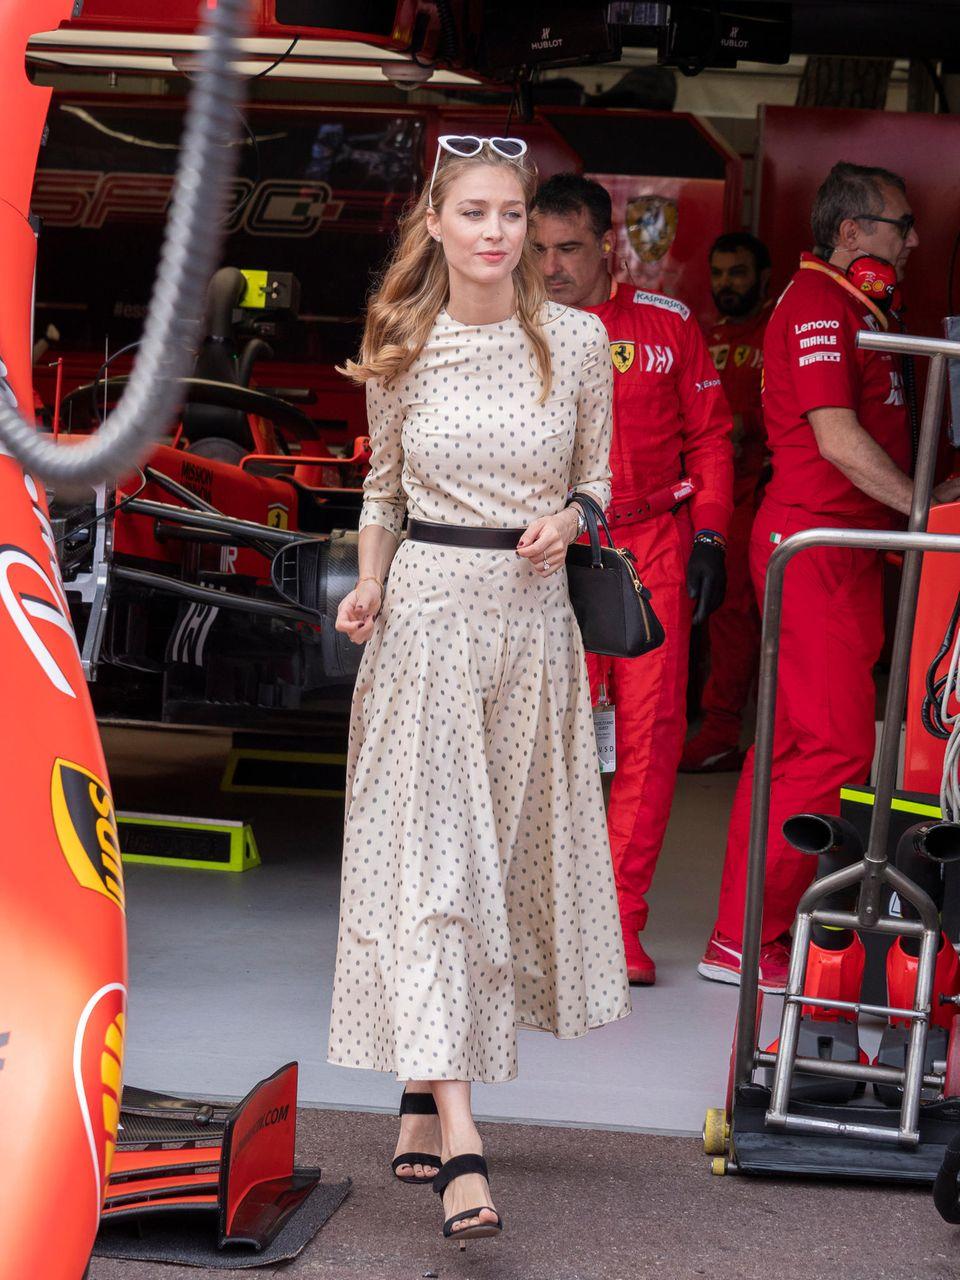 Beim Grossen Preis von Monaco im Sommer 2019 trägt Beatrice ein cremefarbenes Kleid mit Muster von Dior. Schwarze Accessoires und eine herzförmige Sonnenbrille machen den Look perfekt.